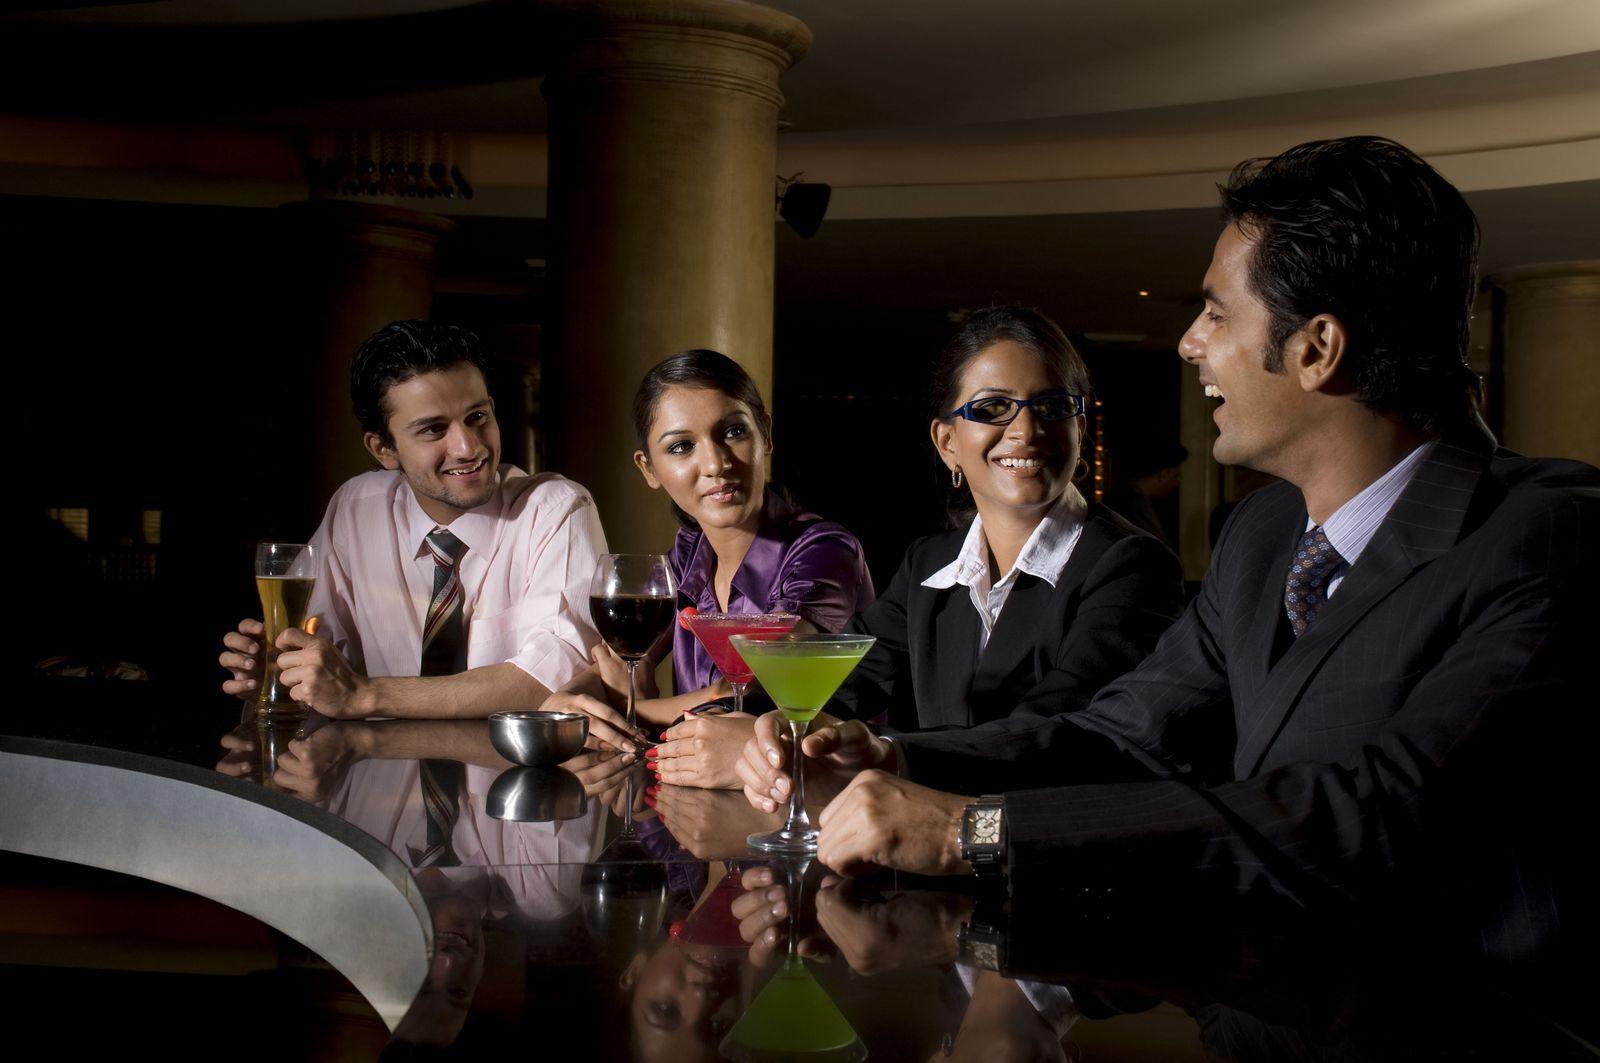 NICHT MEHR VERWENDEN! - Geschäftsleute / Kollegen / Cocktails / Bar